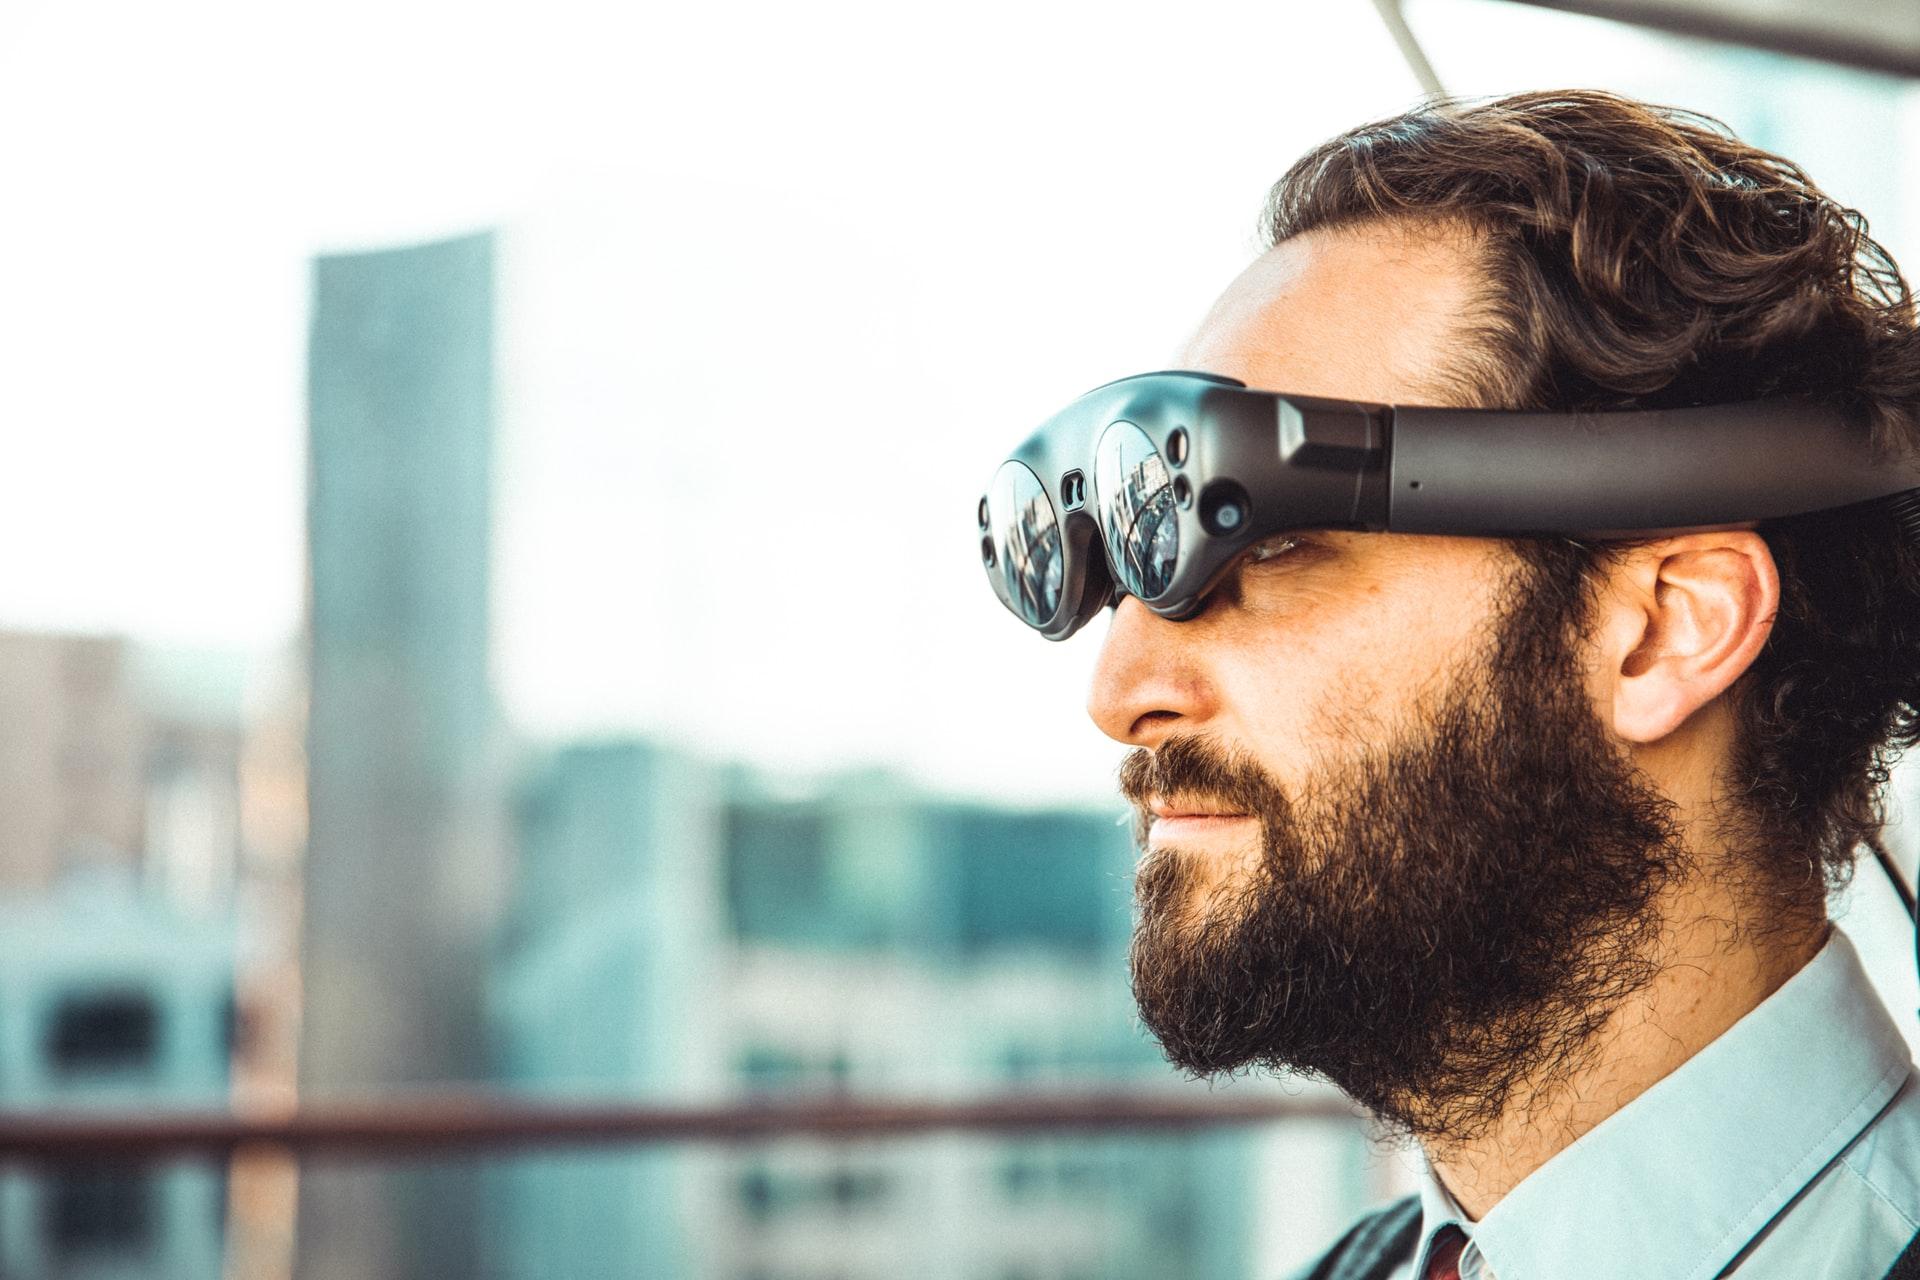 Очки виртуальной реальности могут открыть доступ в новые цифровые миры